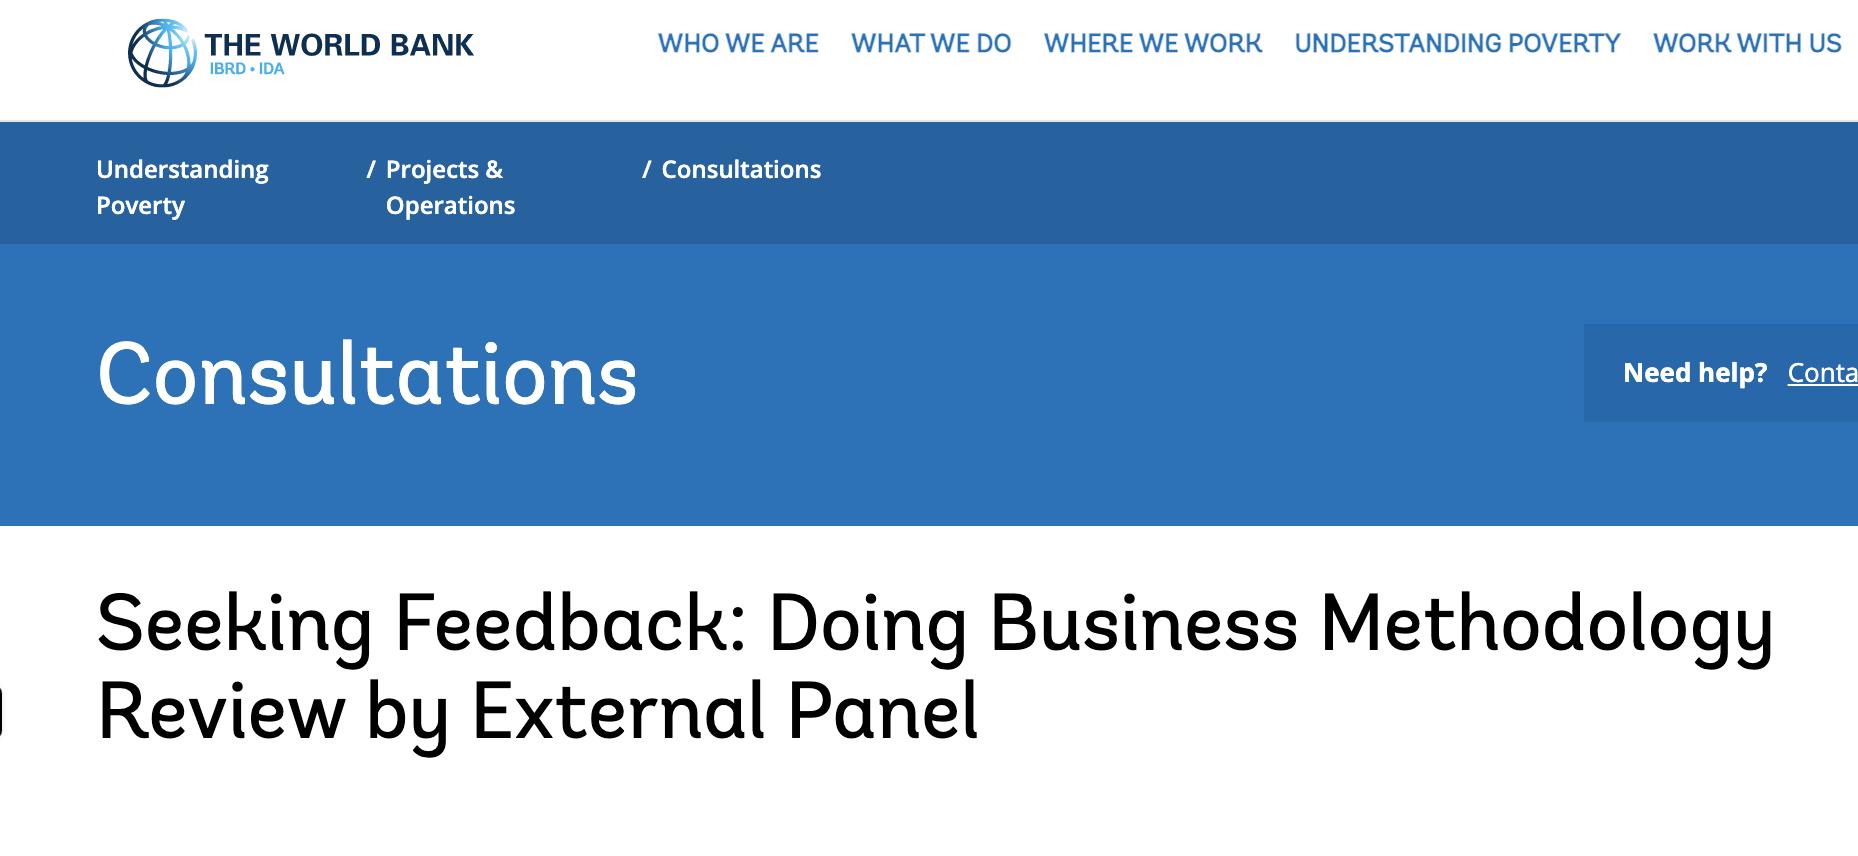 World Bank Consultation Image